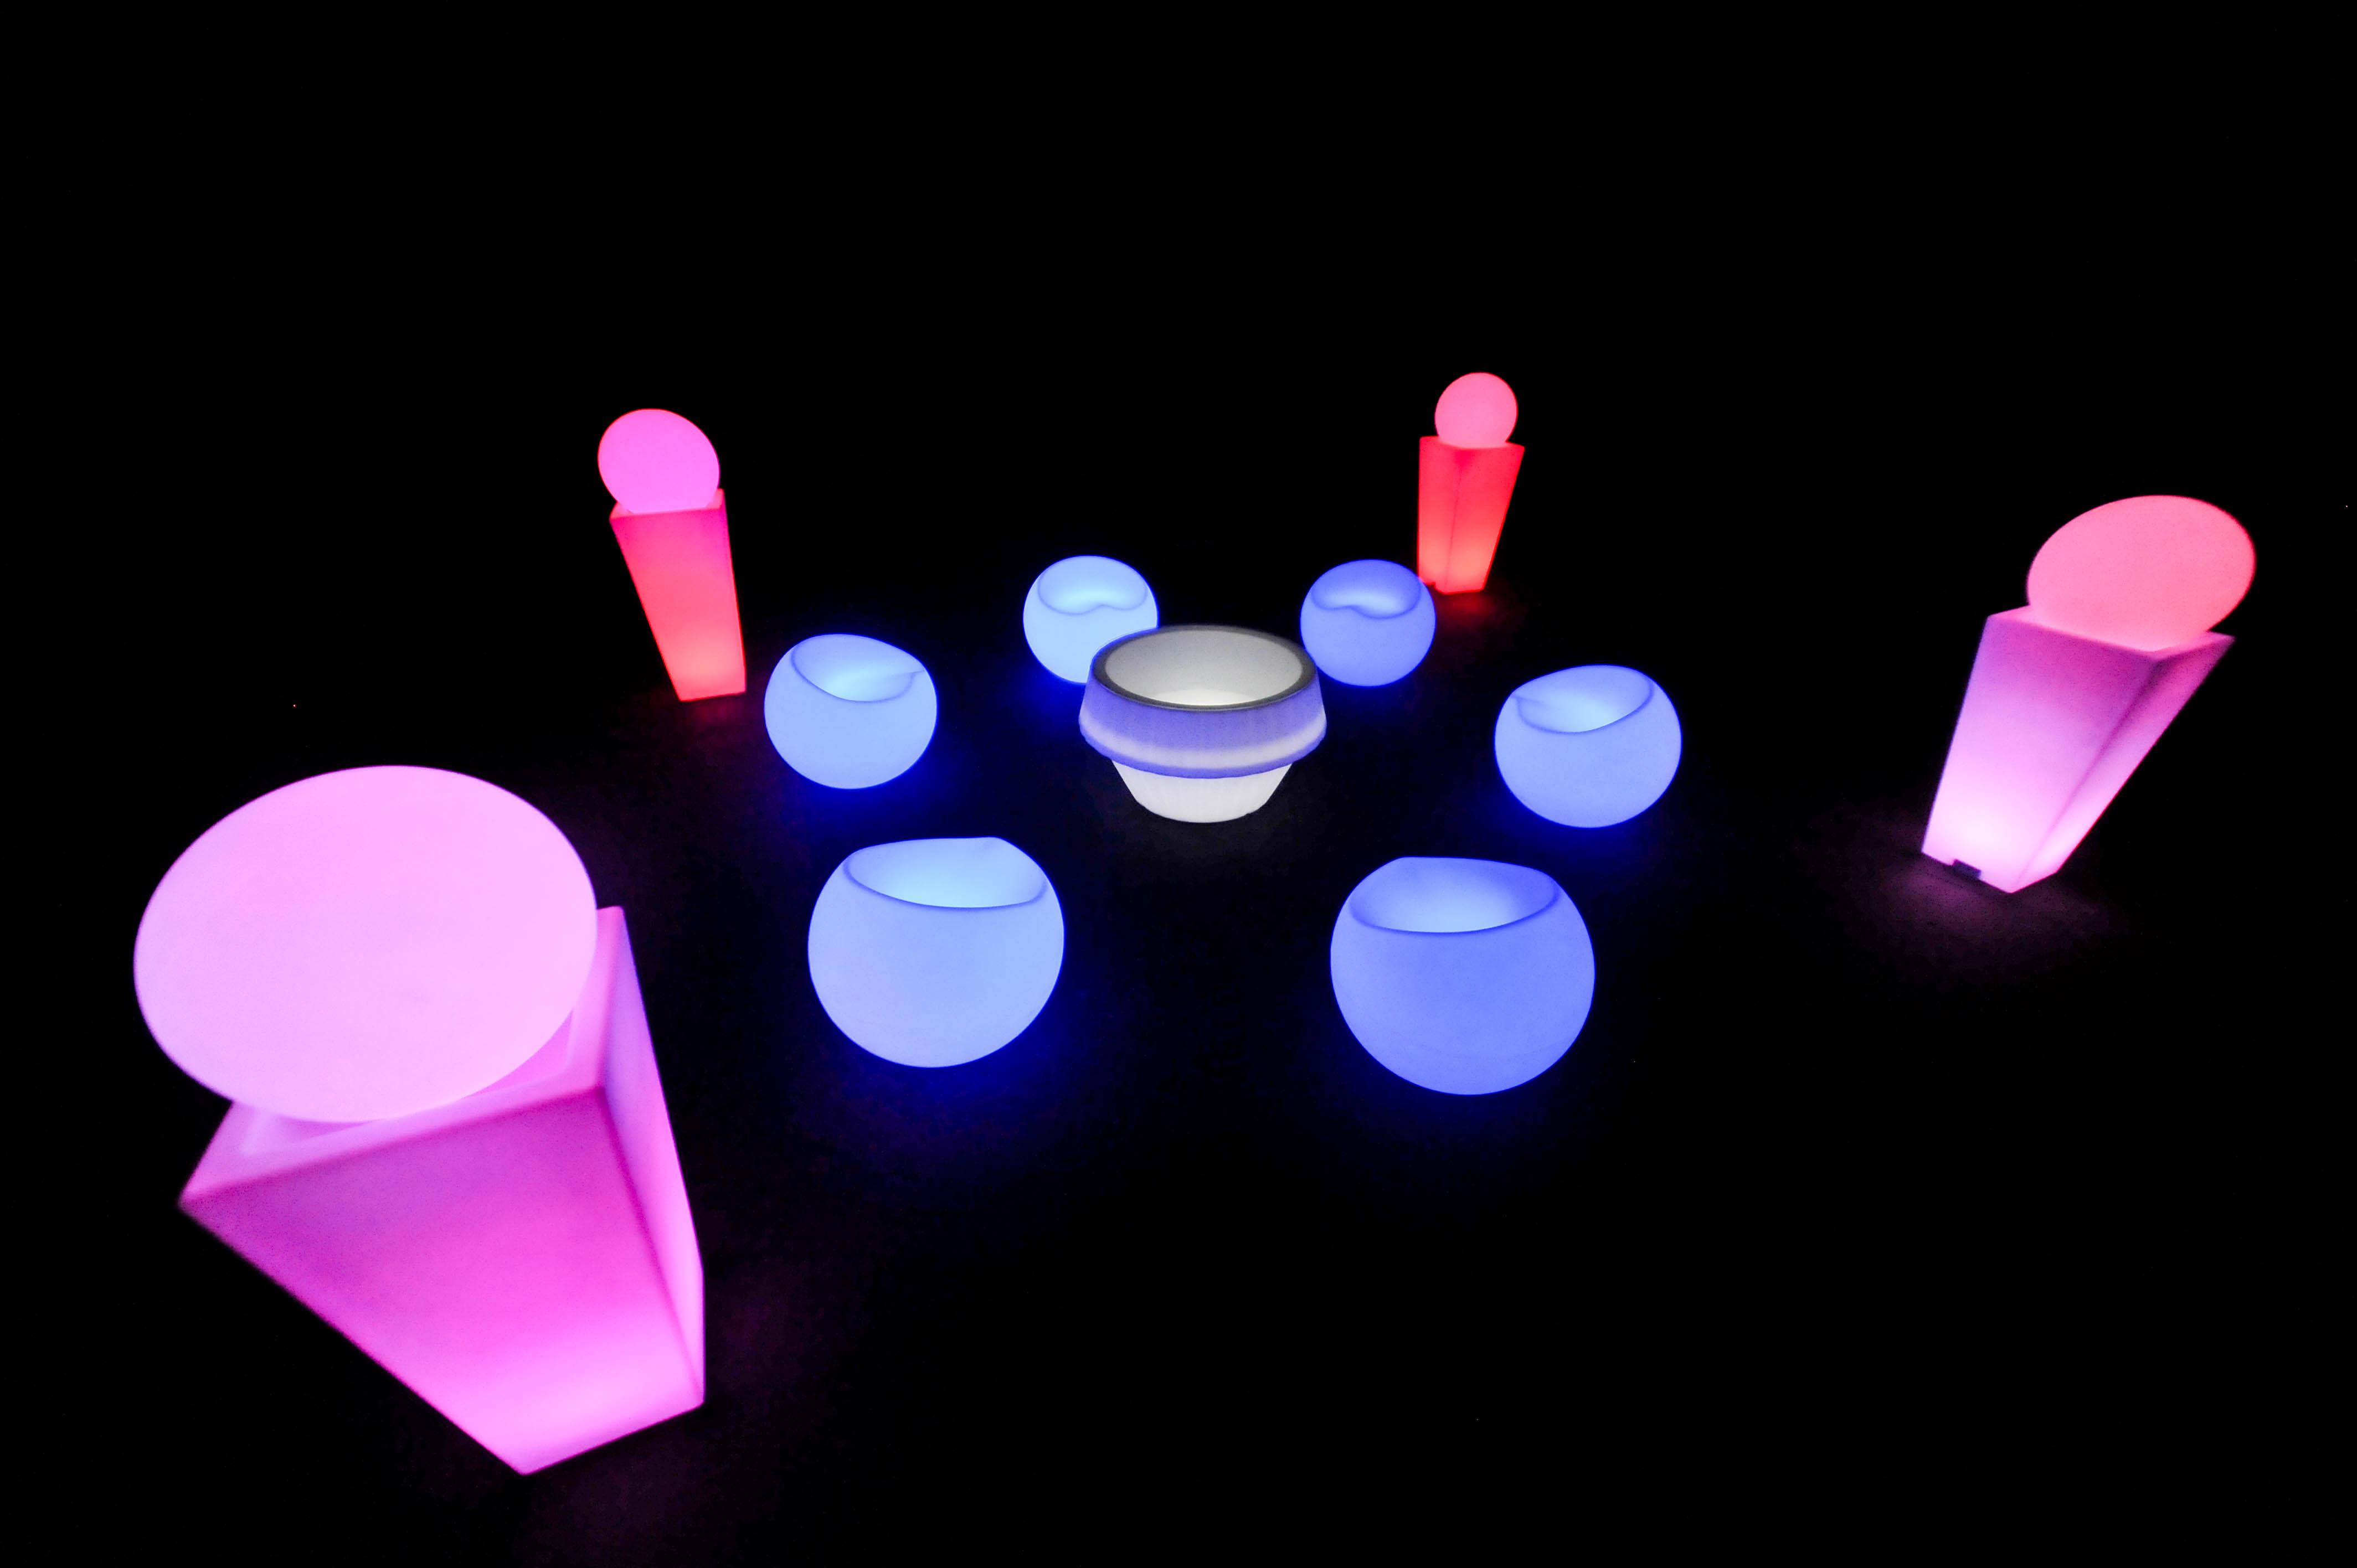 inovação para o seu evento, Móveis de LED é COM A MOBLED, puffs, mesas, bares, balcões, lounges , esferas, coolers e muito mais no nosso acervo.